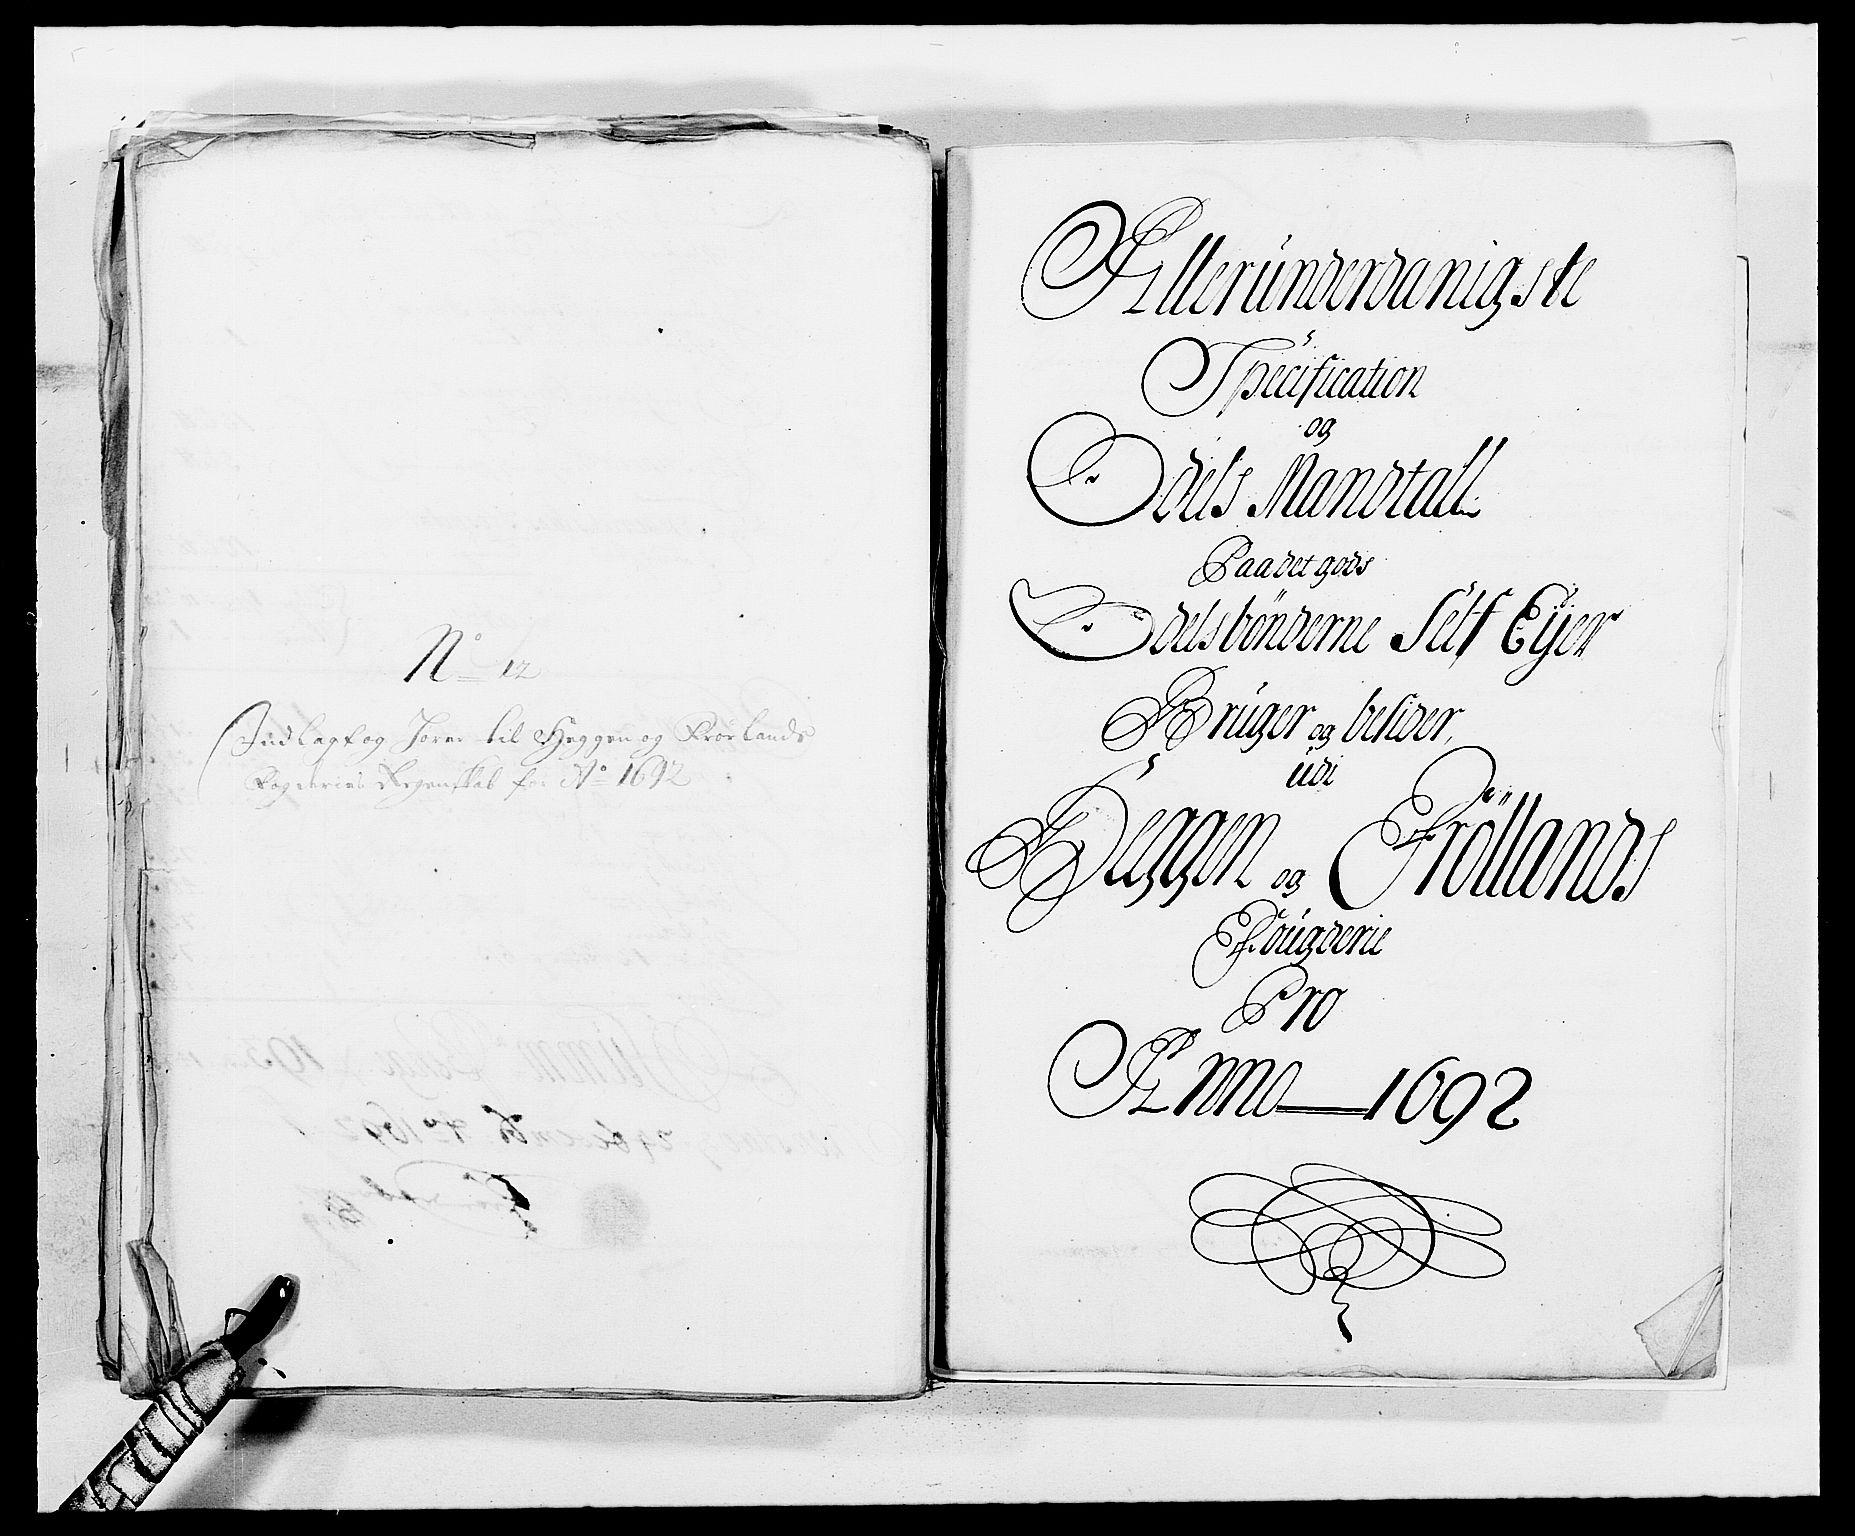 RA, Rentekammeret inntil 1814, Reviderte regnskaper, Fogderegnskap, R06/L0283: Fogderegnskap Heggen og Frøland, 1691-1693, s. 294